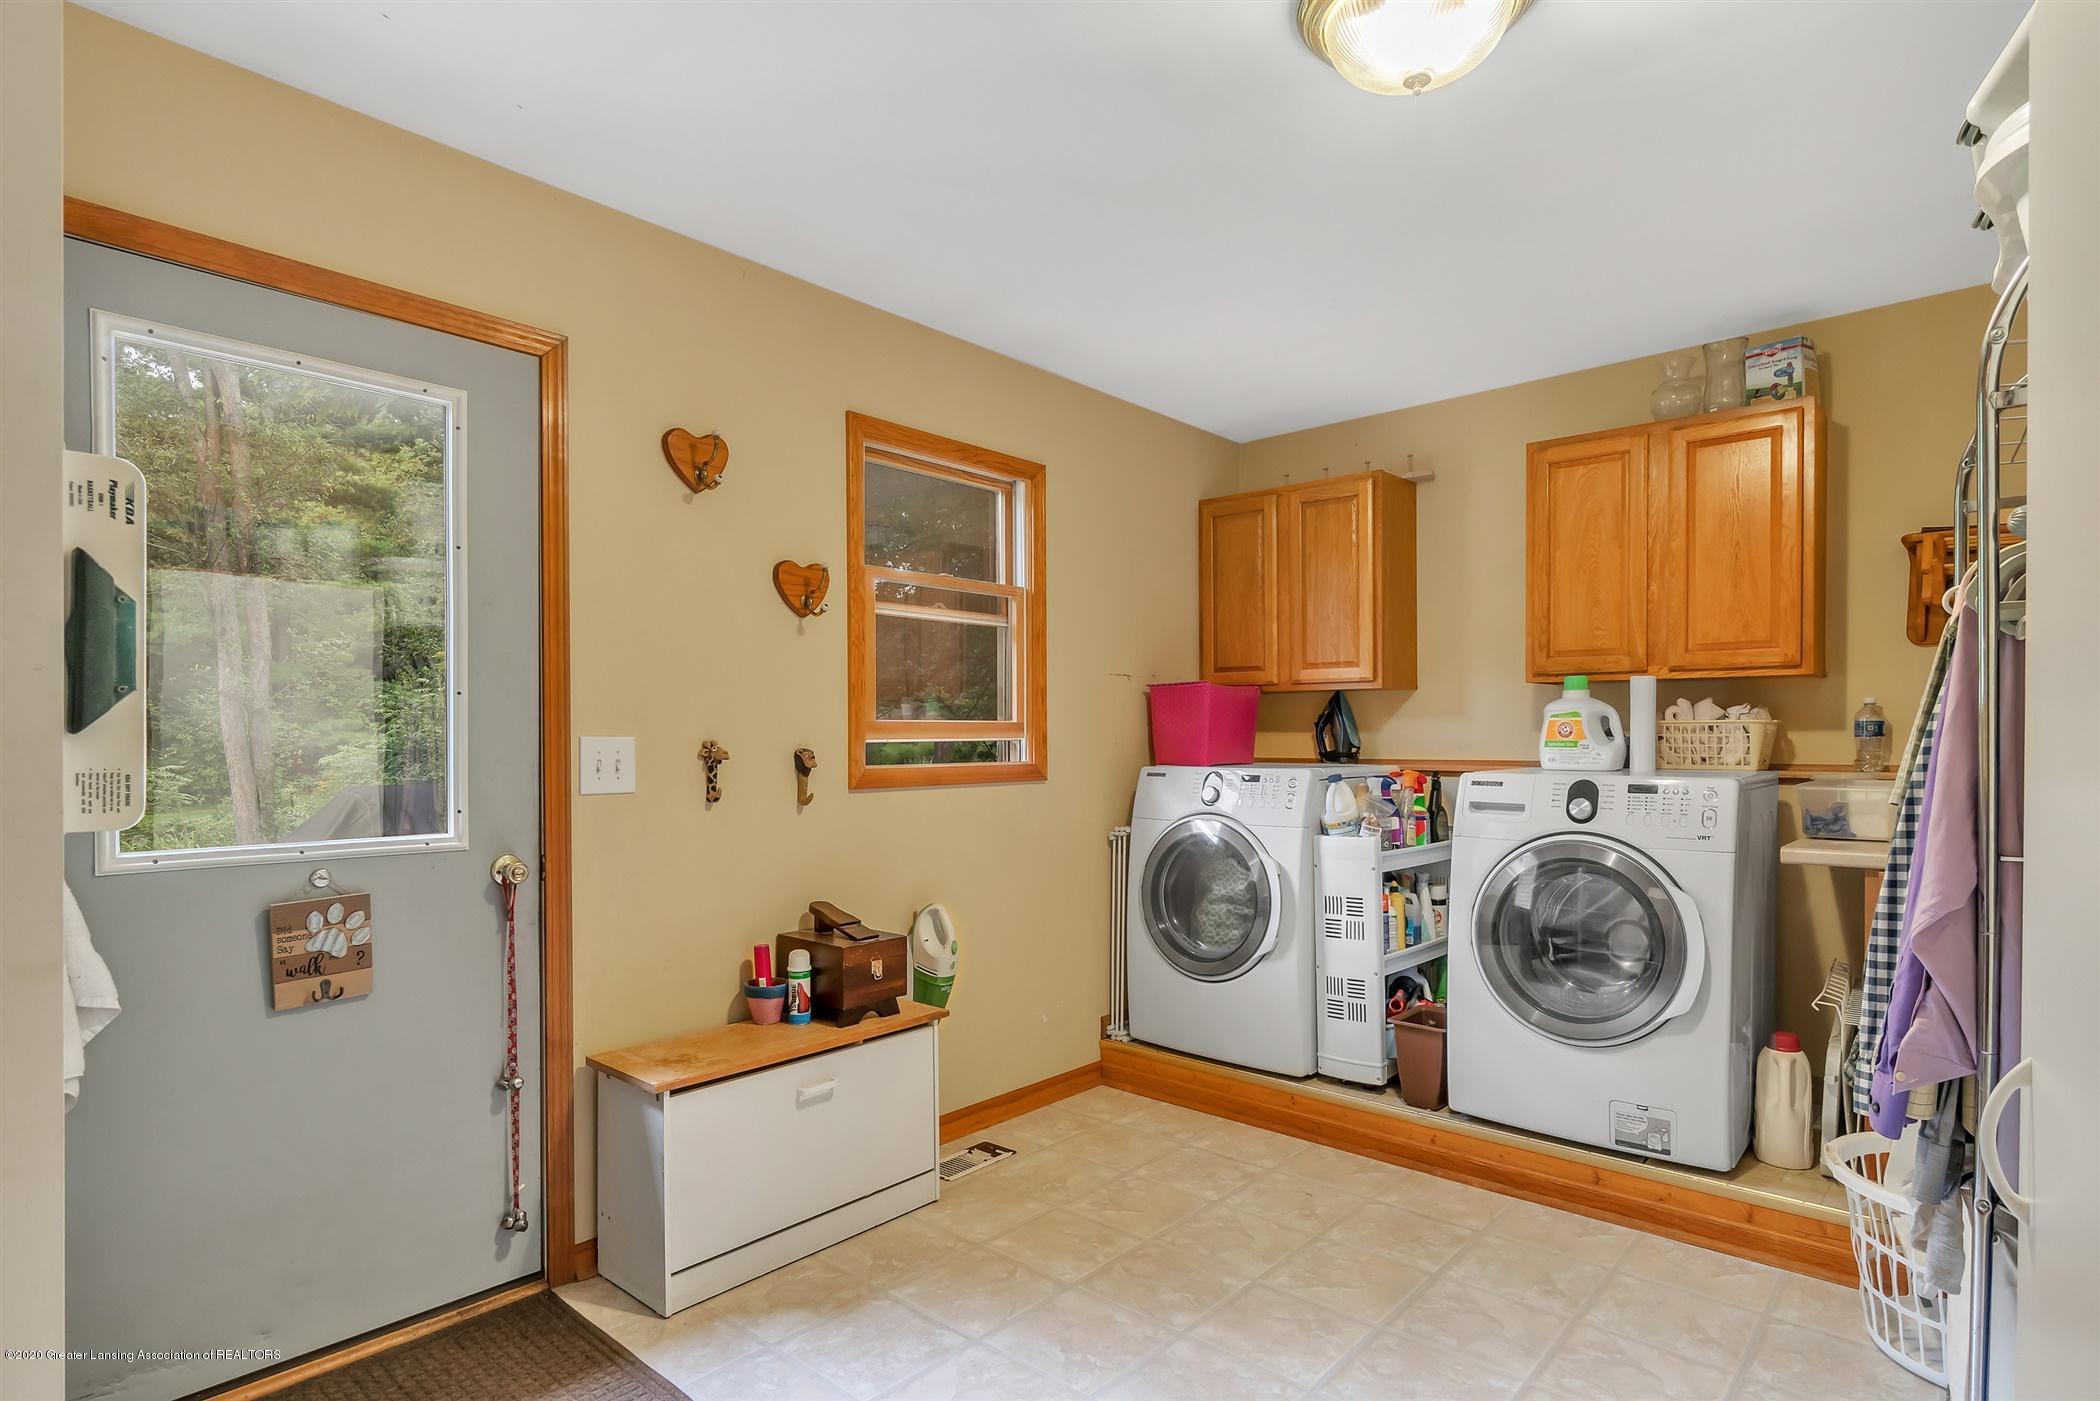 11910 Schavey Rd - 32-11910 Schavey Rd.-windowstill-re - 32